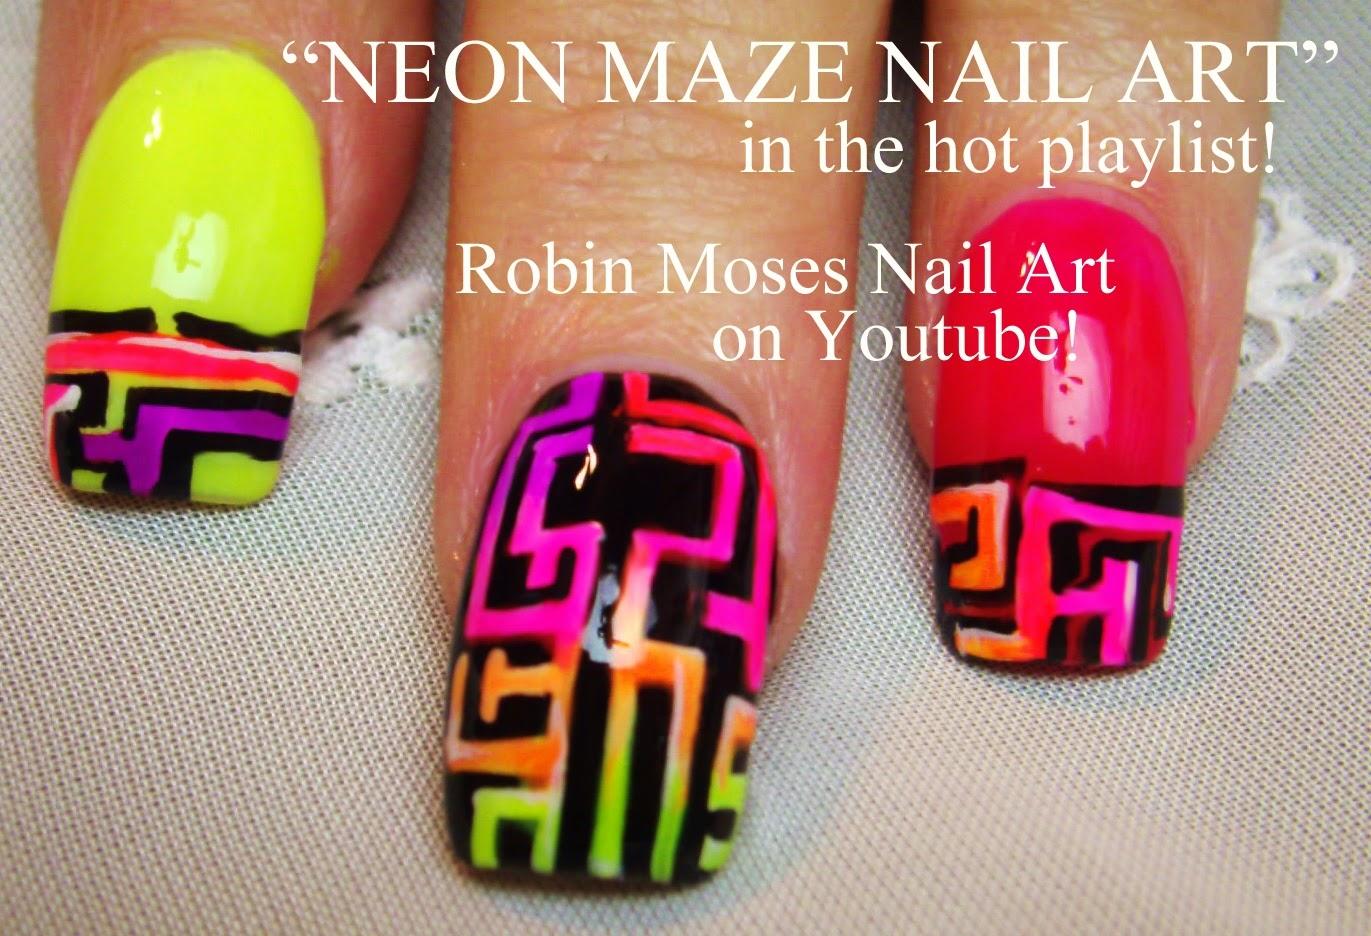 maze nails nail art nails nailart neon nails summer nails hot nails nails for summer diy how to nails robin moses nails neon designs neon - Hot Designs Nail Art Ideas